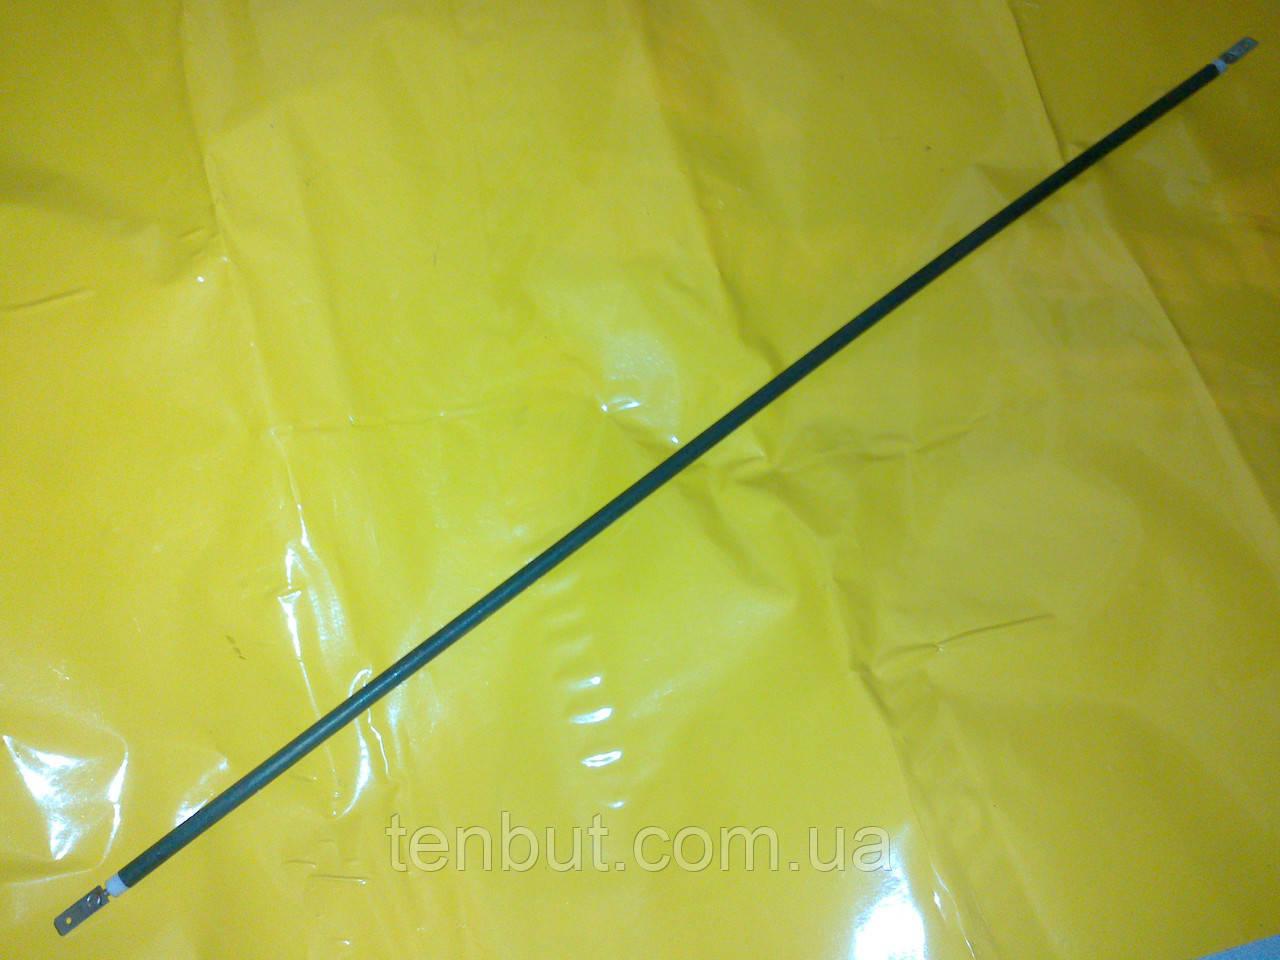 Гибкий воздушный тэн Ф-8 мм./ L-160 см./ 2.0 кВт. производство Турция Sanal